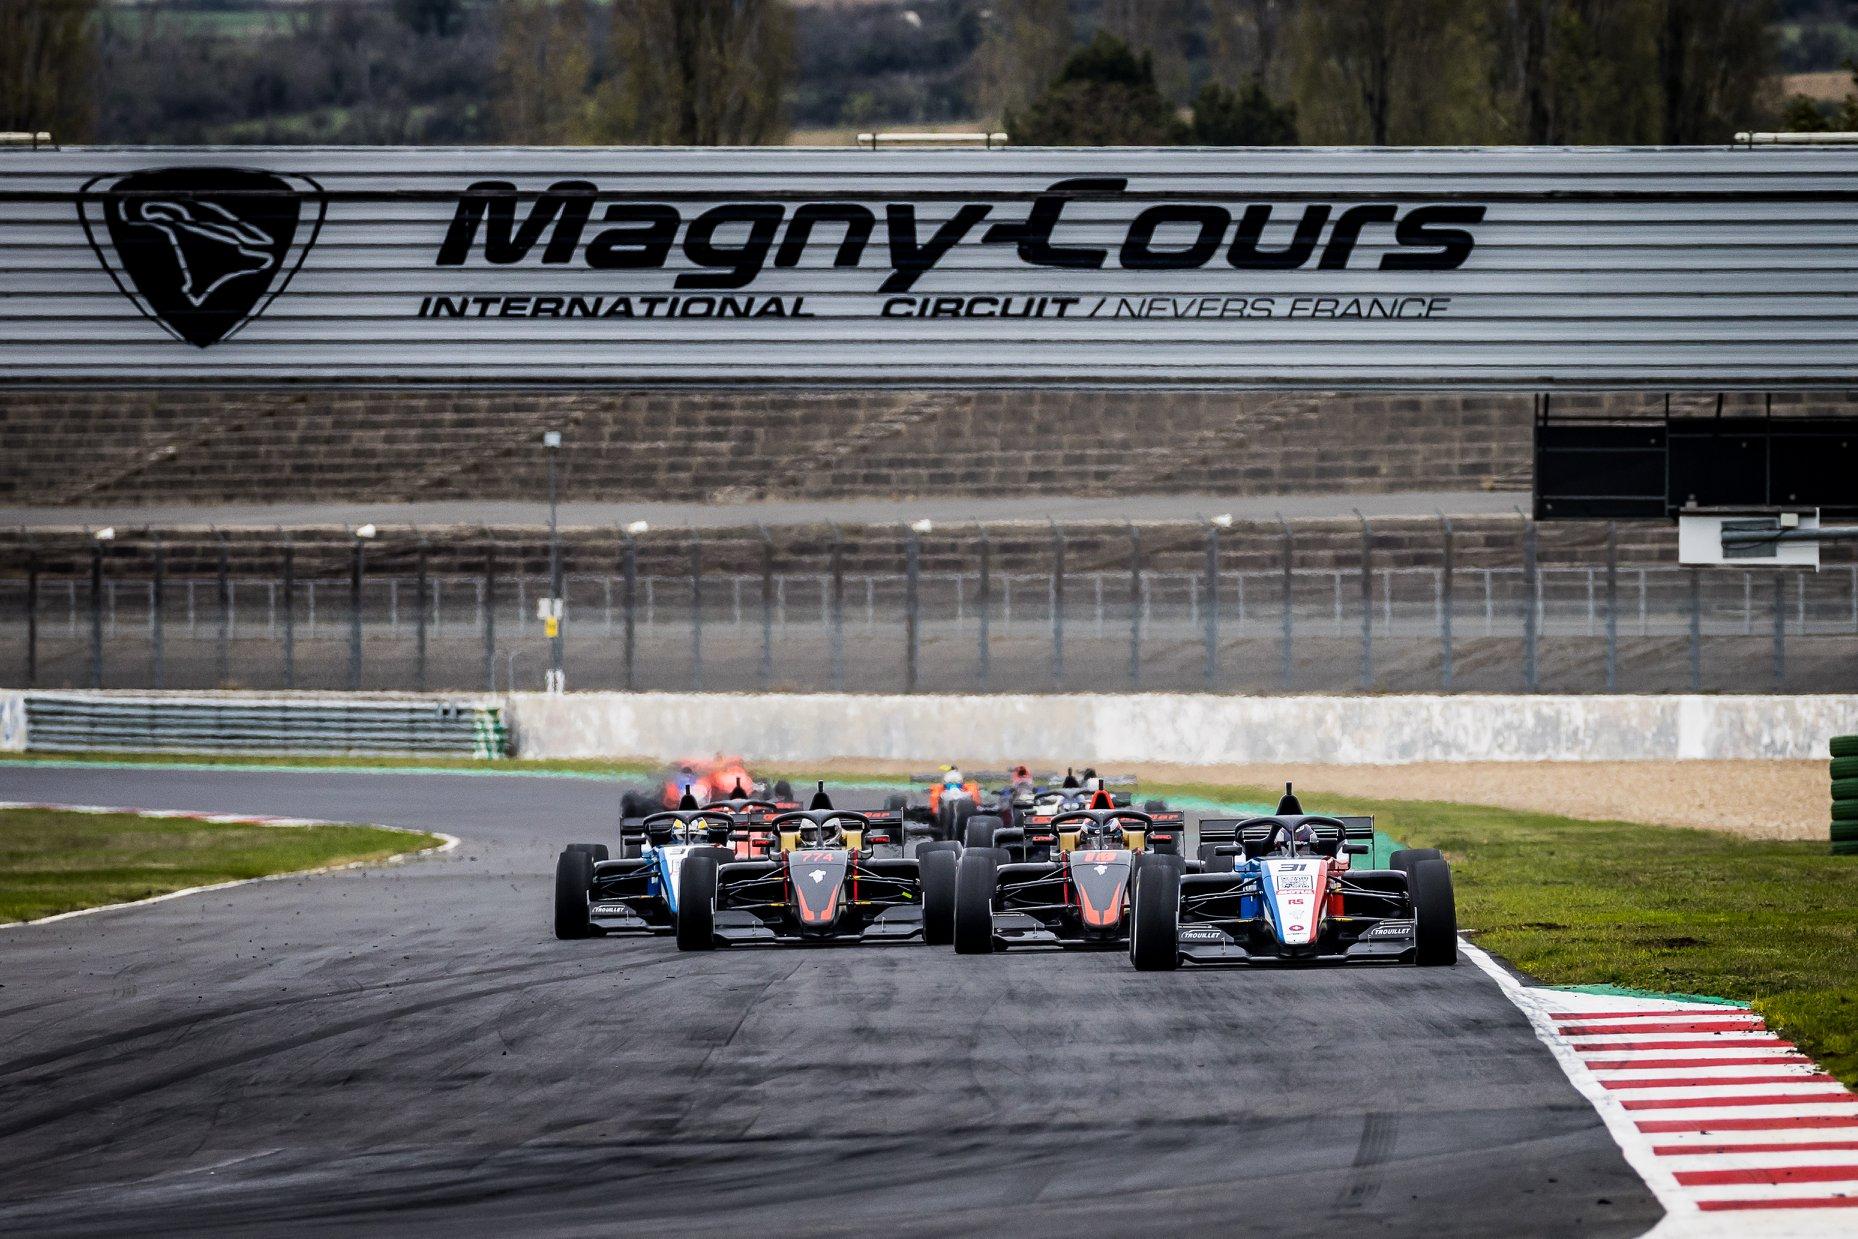 pour l'ensemble des protagonistes de l'Ultimate Cup Series, la saison 2021 a repris ses droits au Mans mi-septembre, se poursuivra à Magny-Cours et s'achèvera à Estoril